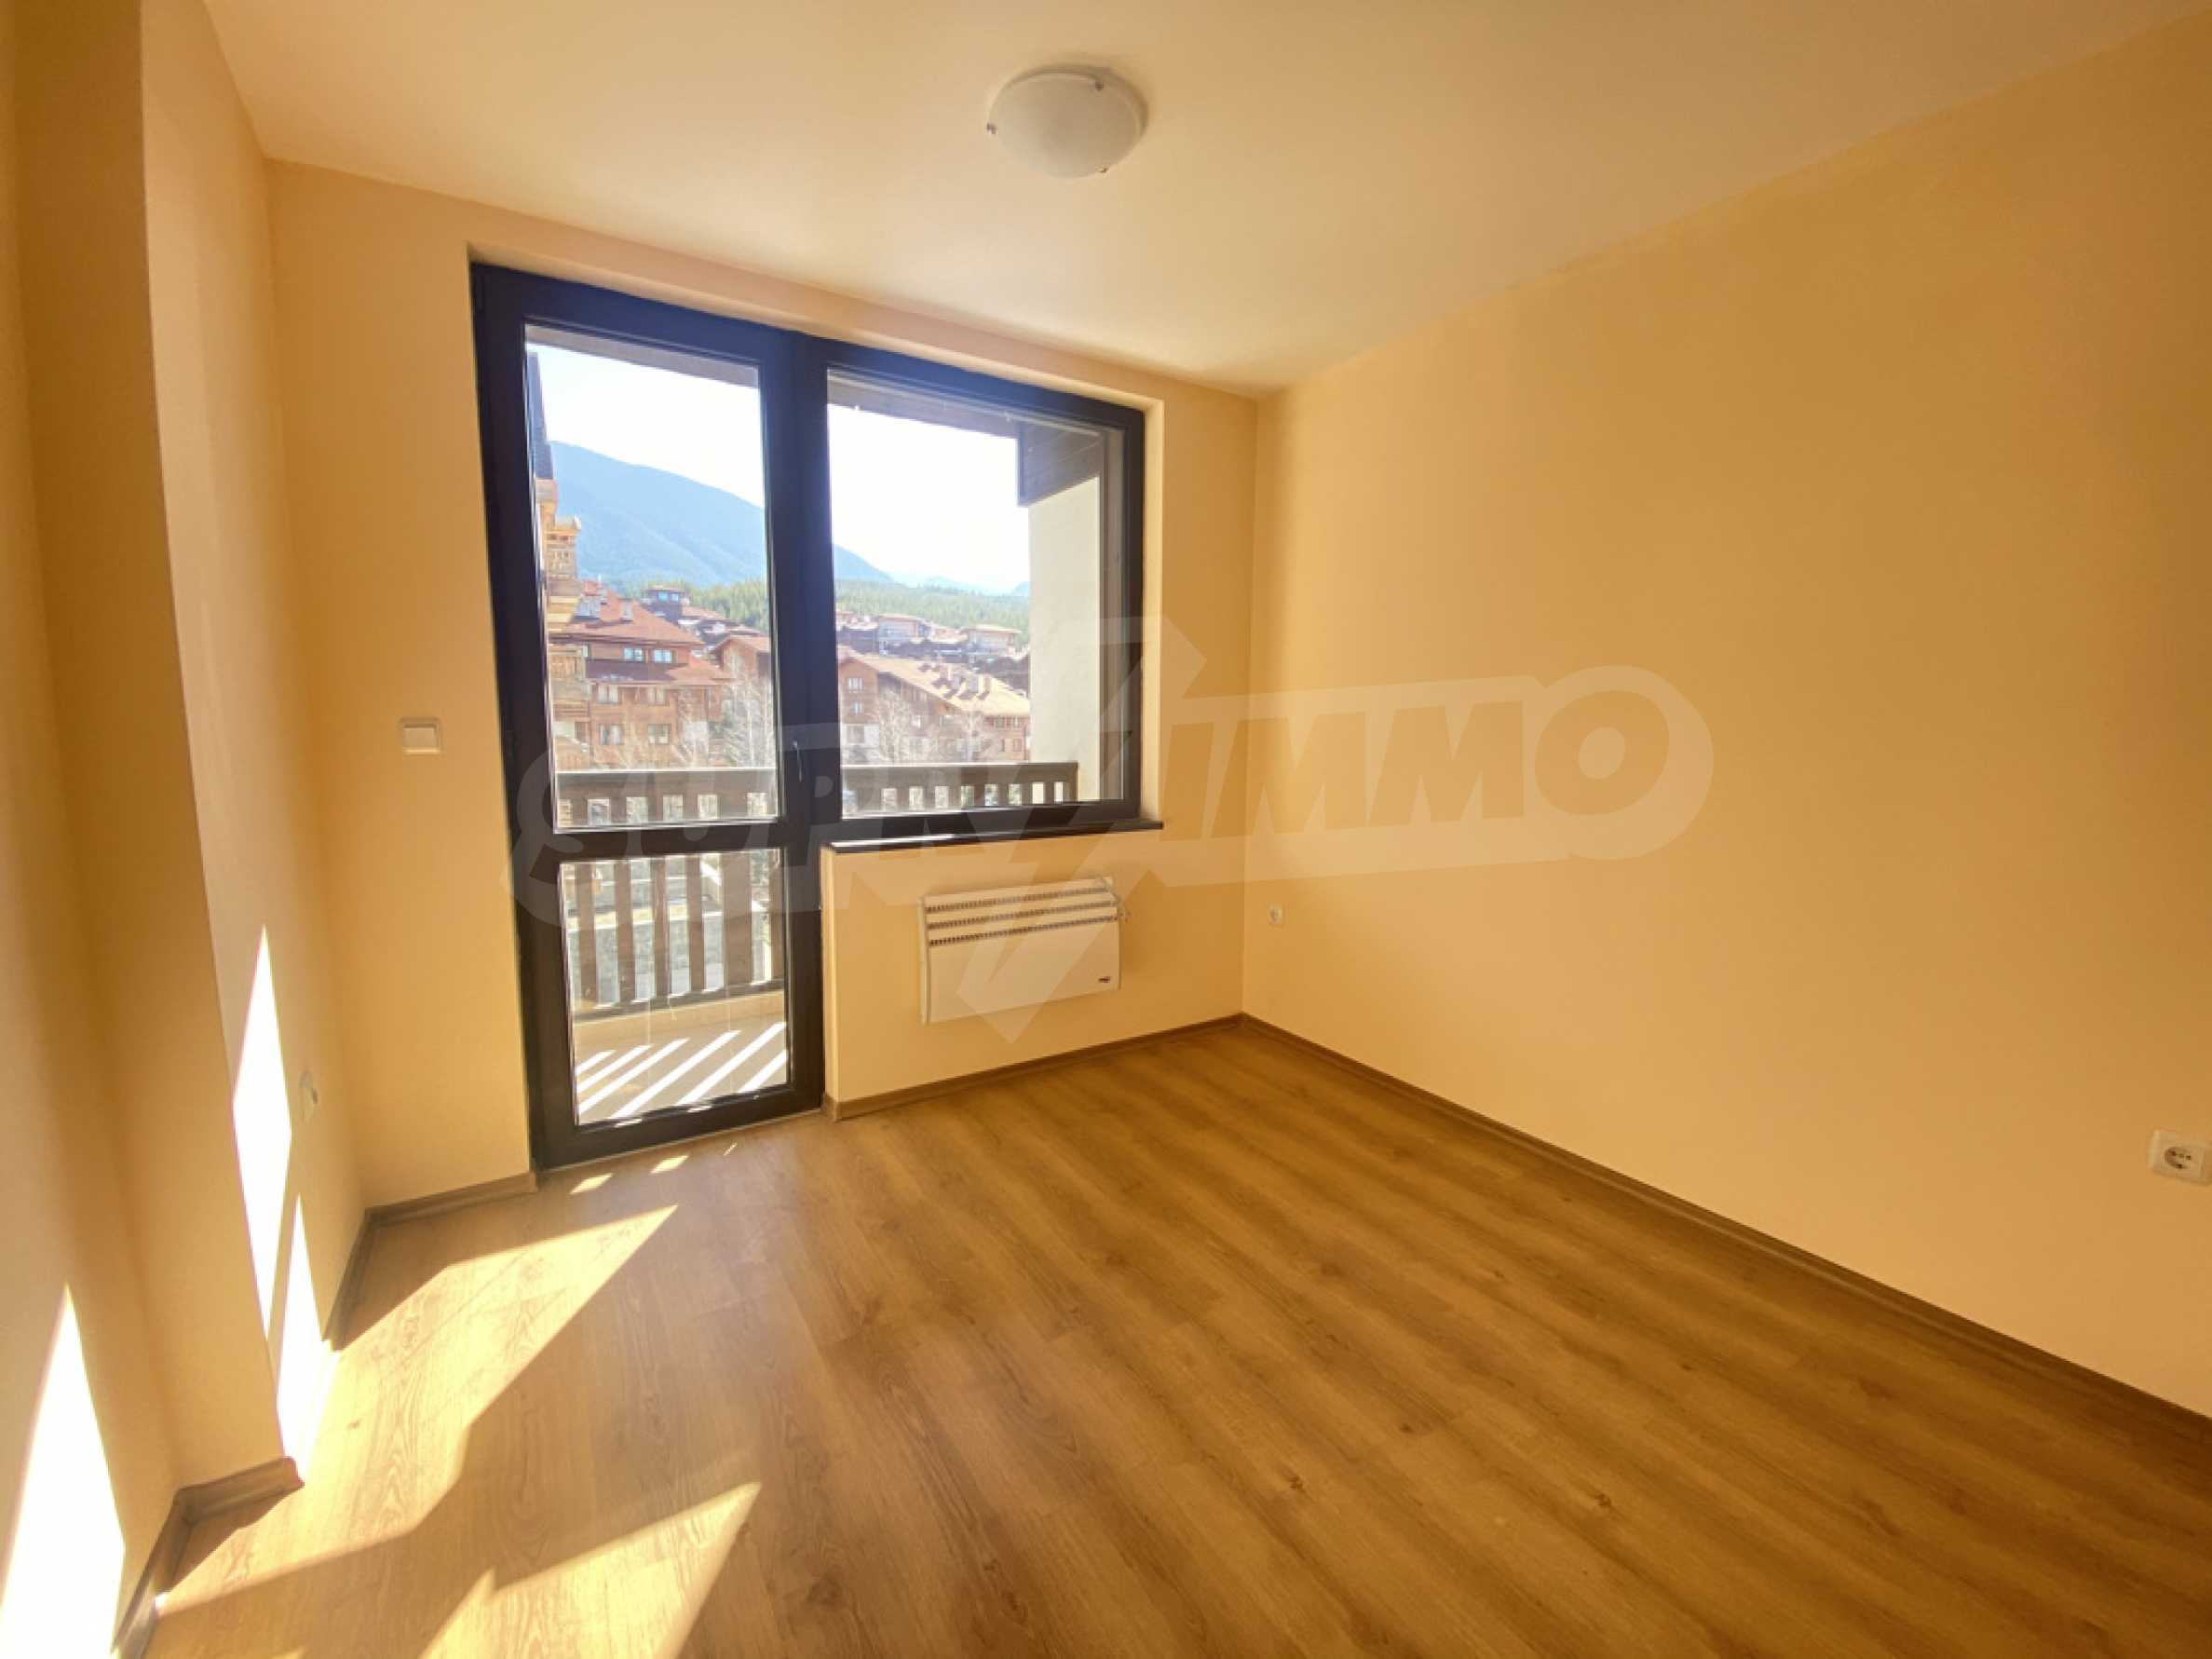 Необзаведен двустаен апартамент за продажба в СПА комплекс в Банско